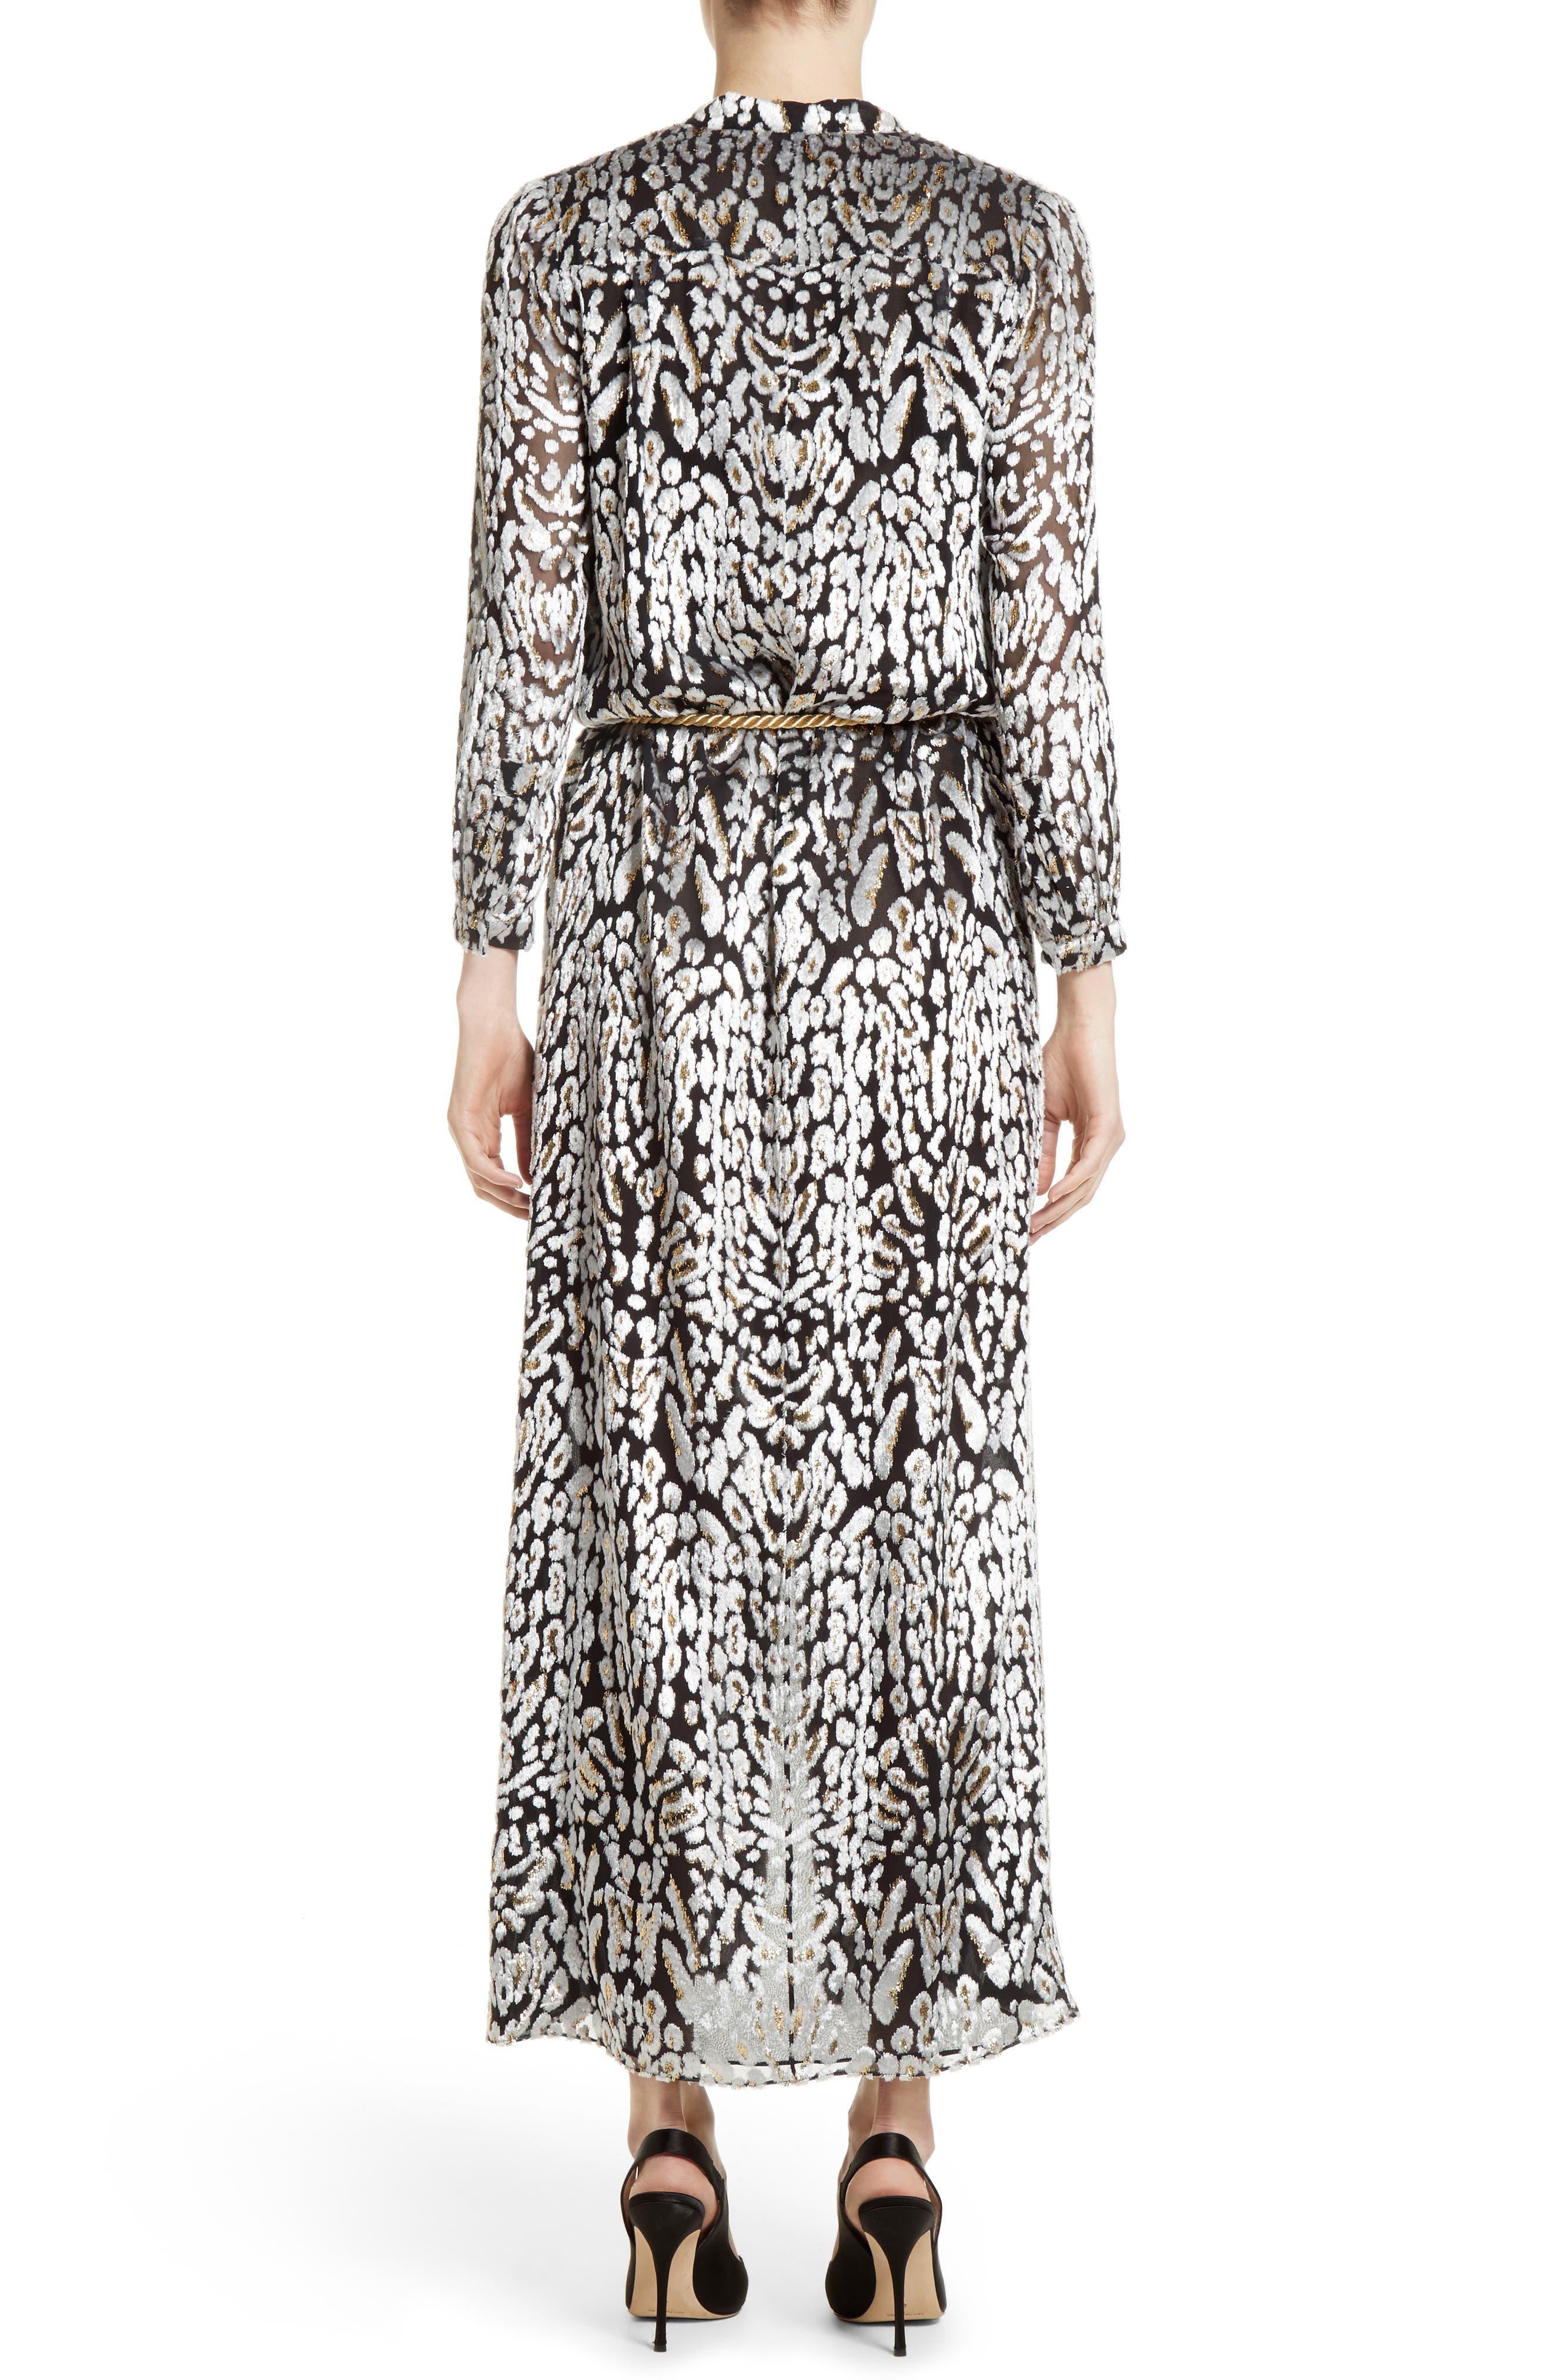 Ocelot Print Velvet Jacquard Dress,                             Alternate thumbnail 2, color,                             001